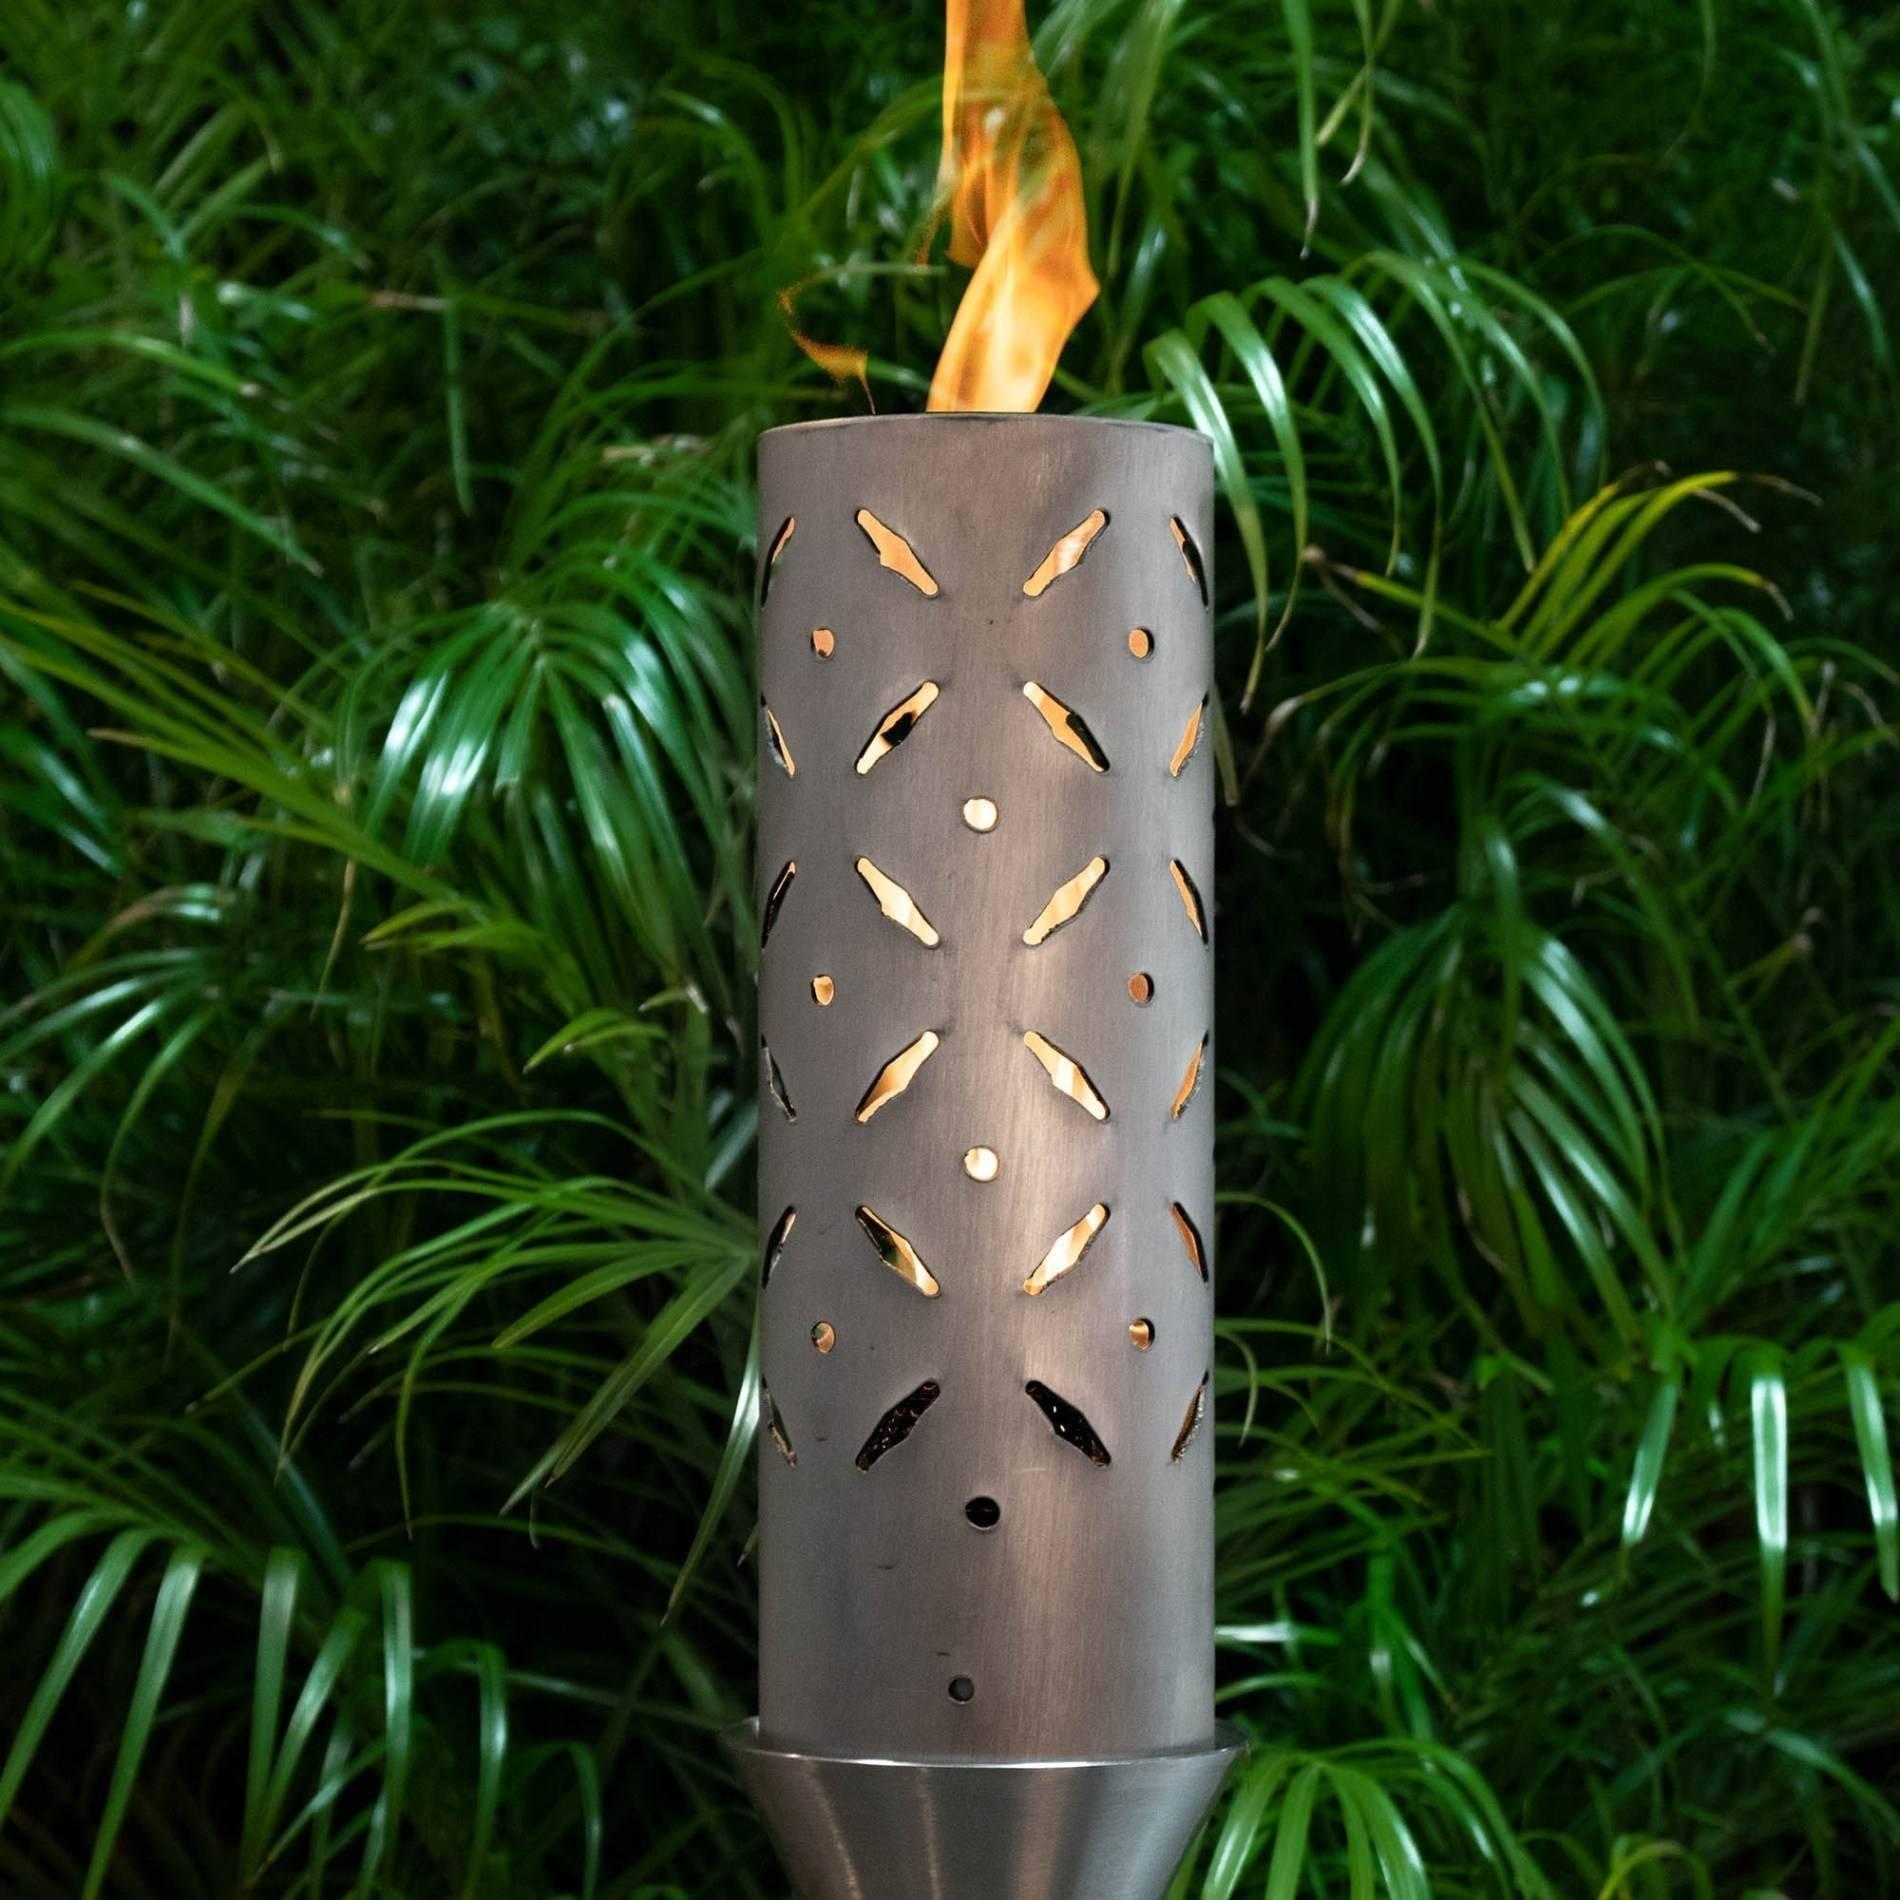 Diamond Plate Gas Tiki Torch